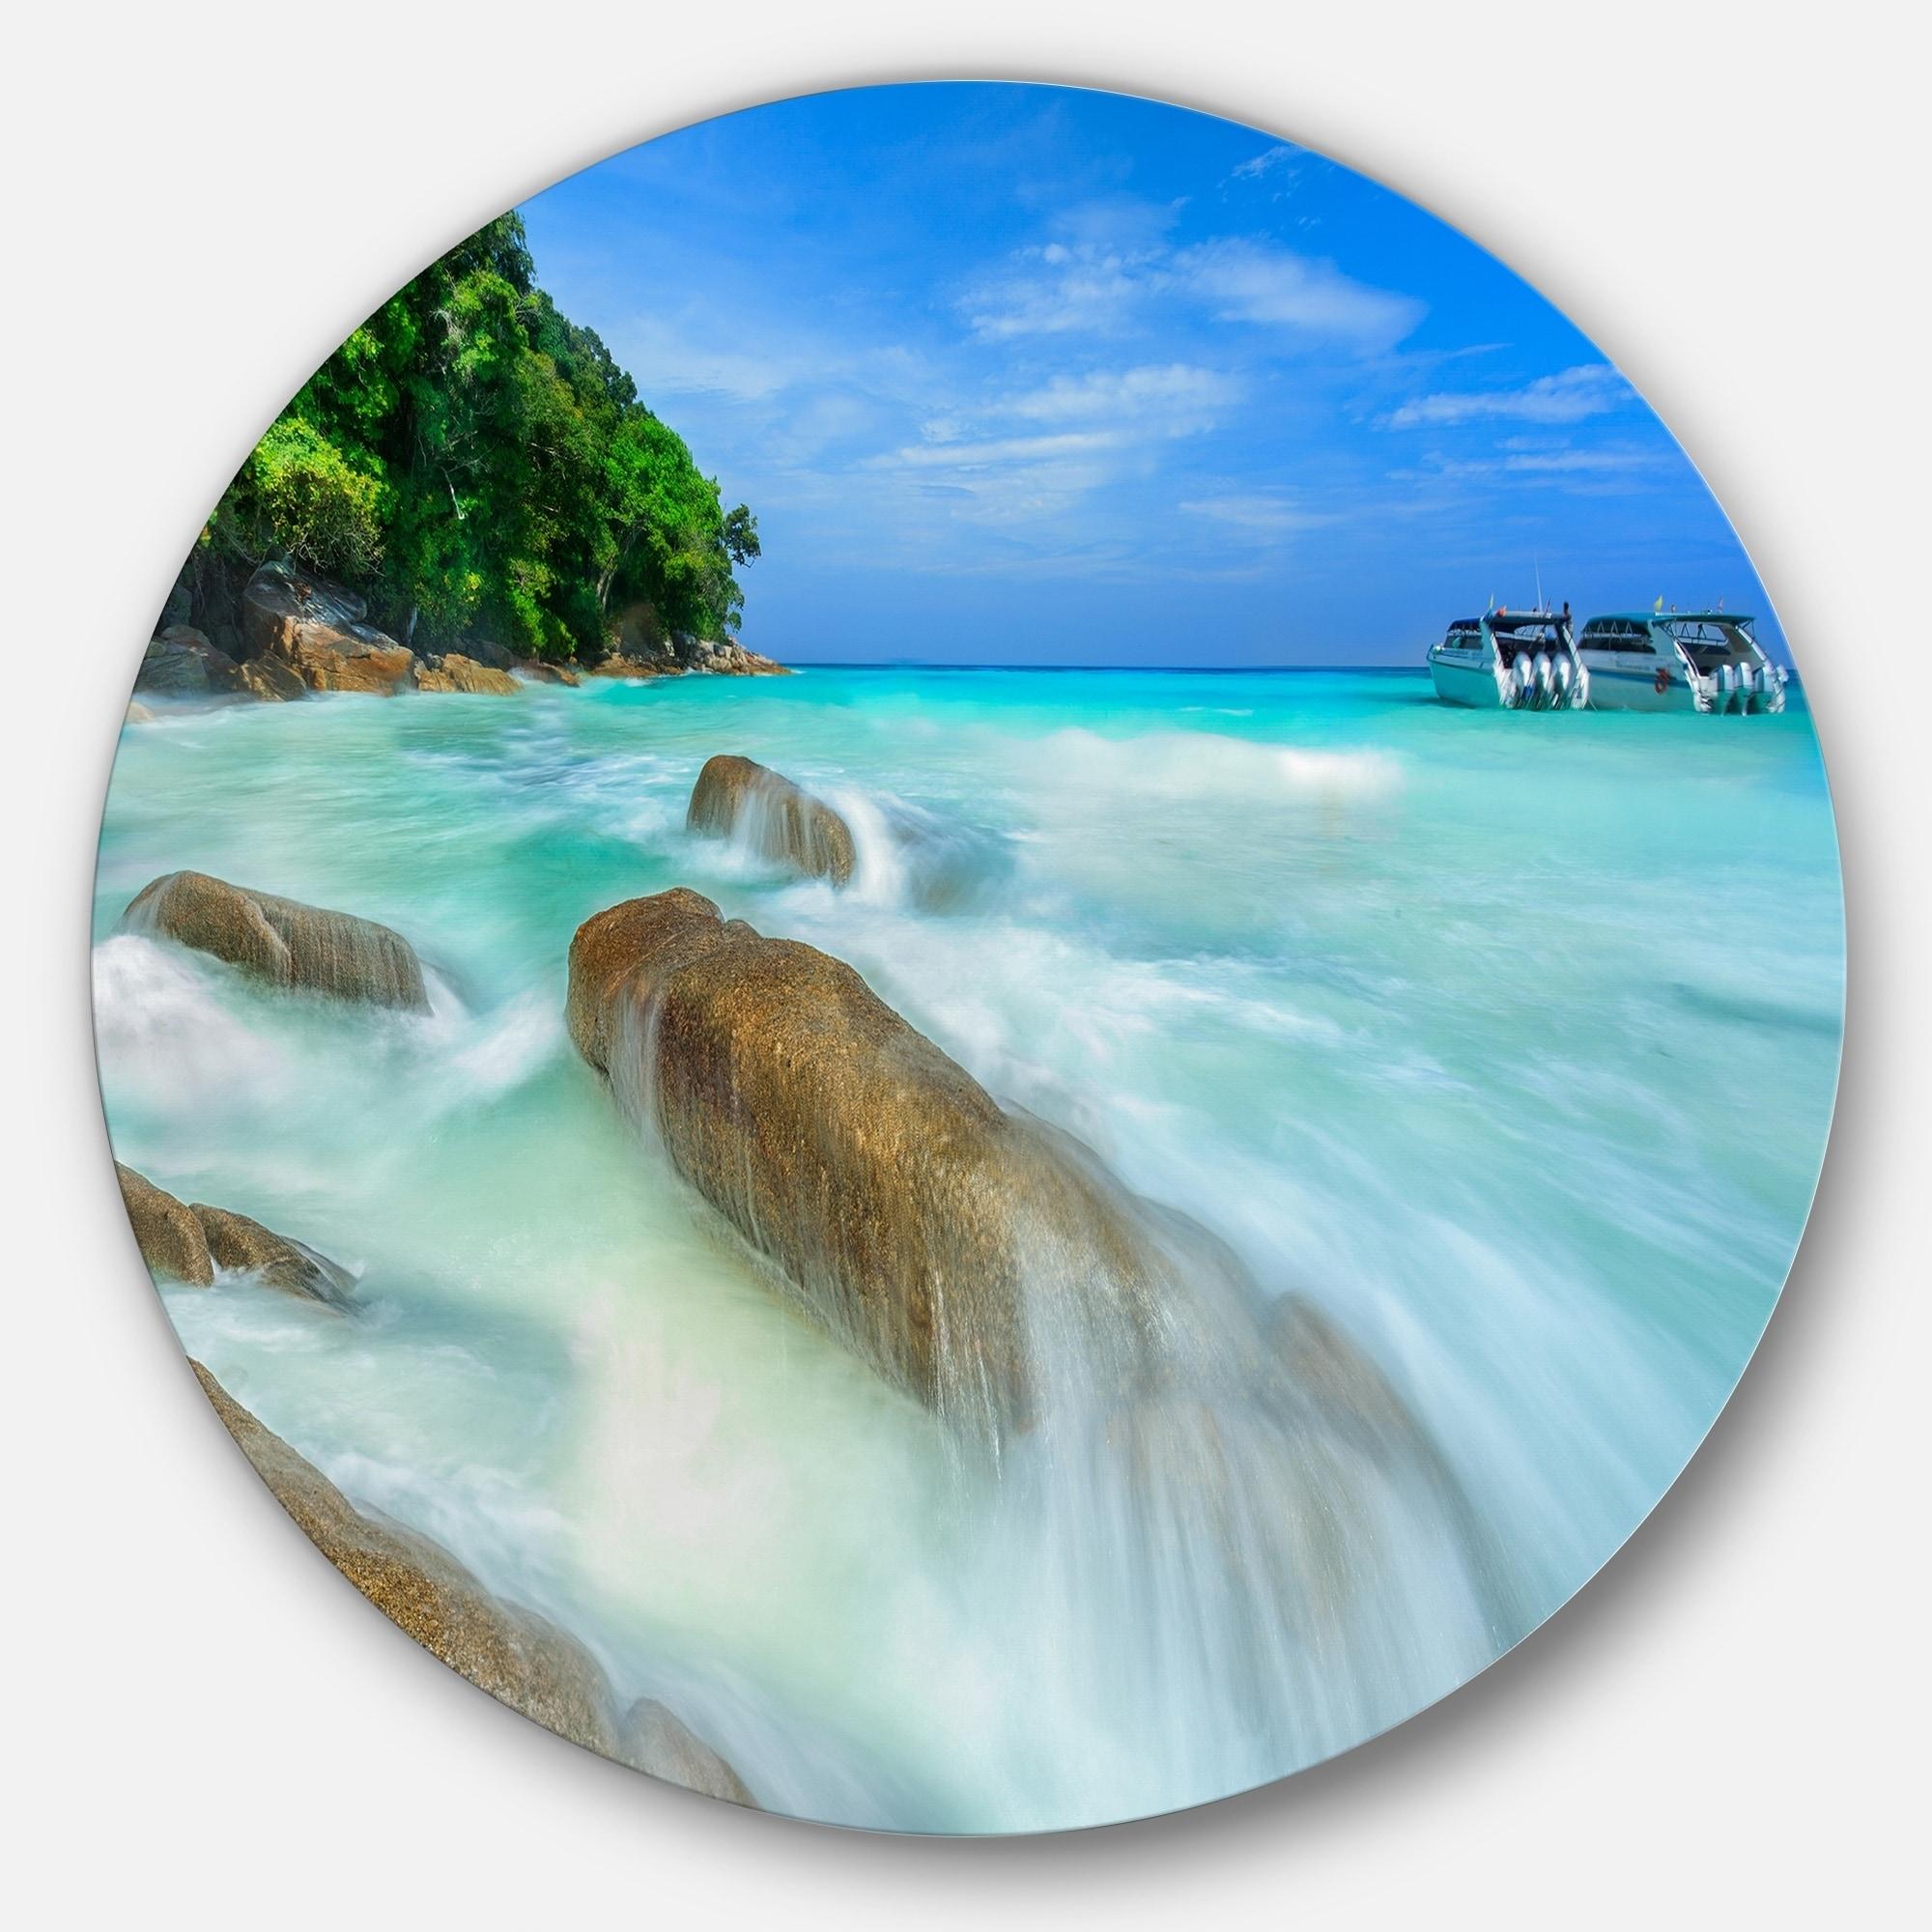 Designart Tachai Island In Thailand Landscape Photo Round Metal Wall Art Overstock 14264582